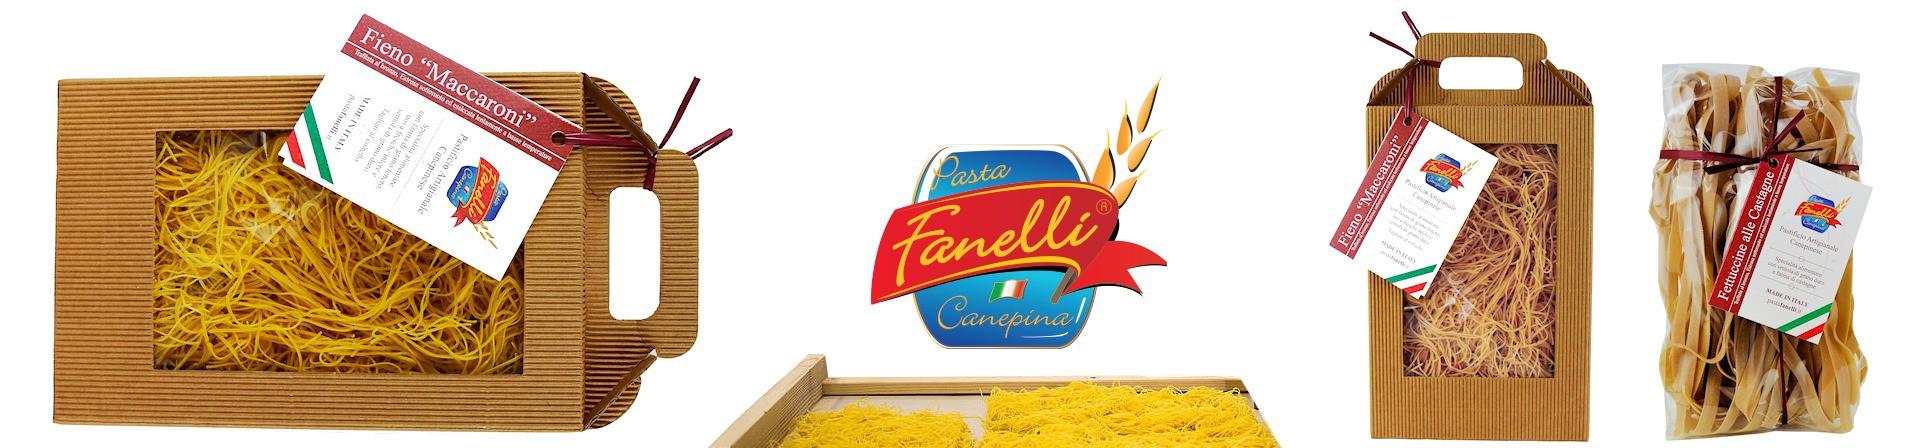 B2B GUSTOX - il Marketplace all'ingrosso delle eccellenze agroalimentari italiane - Fieno di Canepina pasta all'uovo- PASTA FANELLI